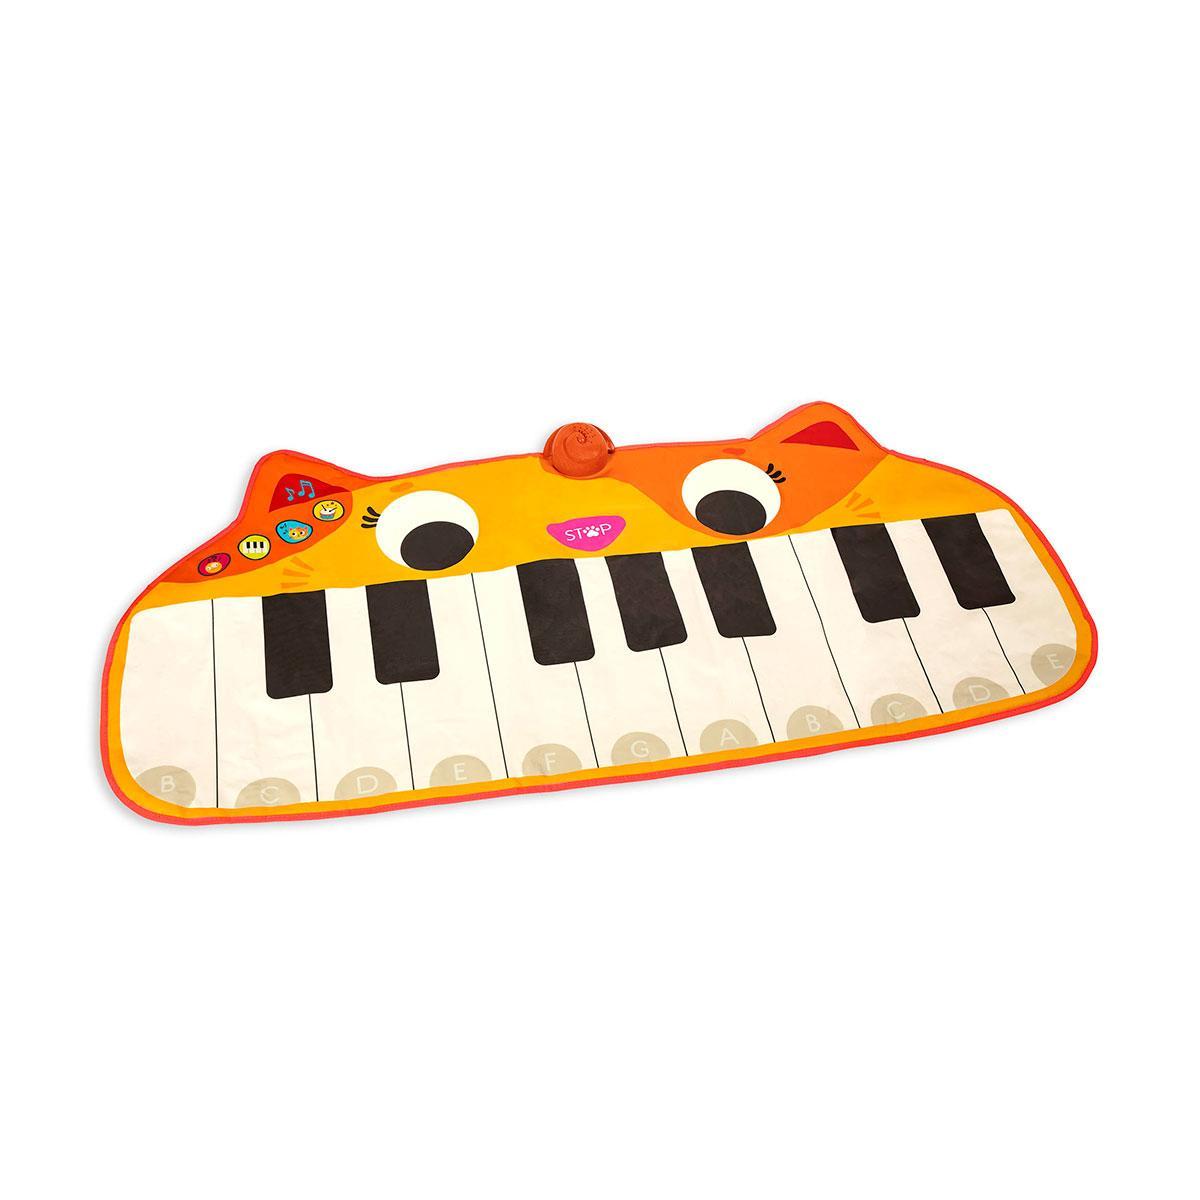 Музыкальный коврик для детей пианино - Мяуфон